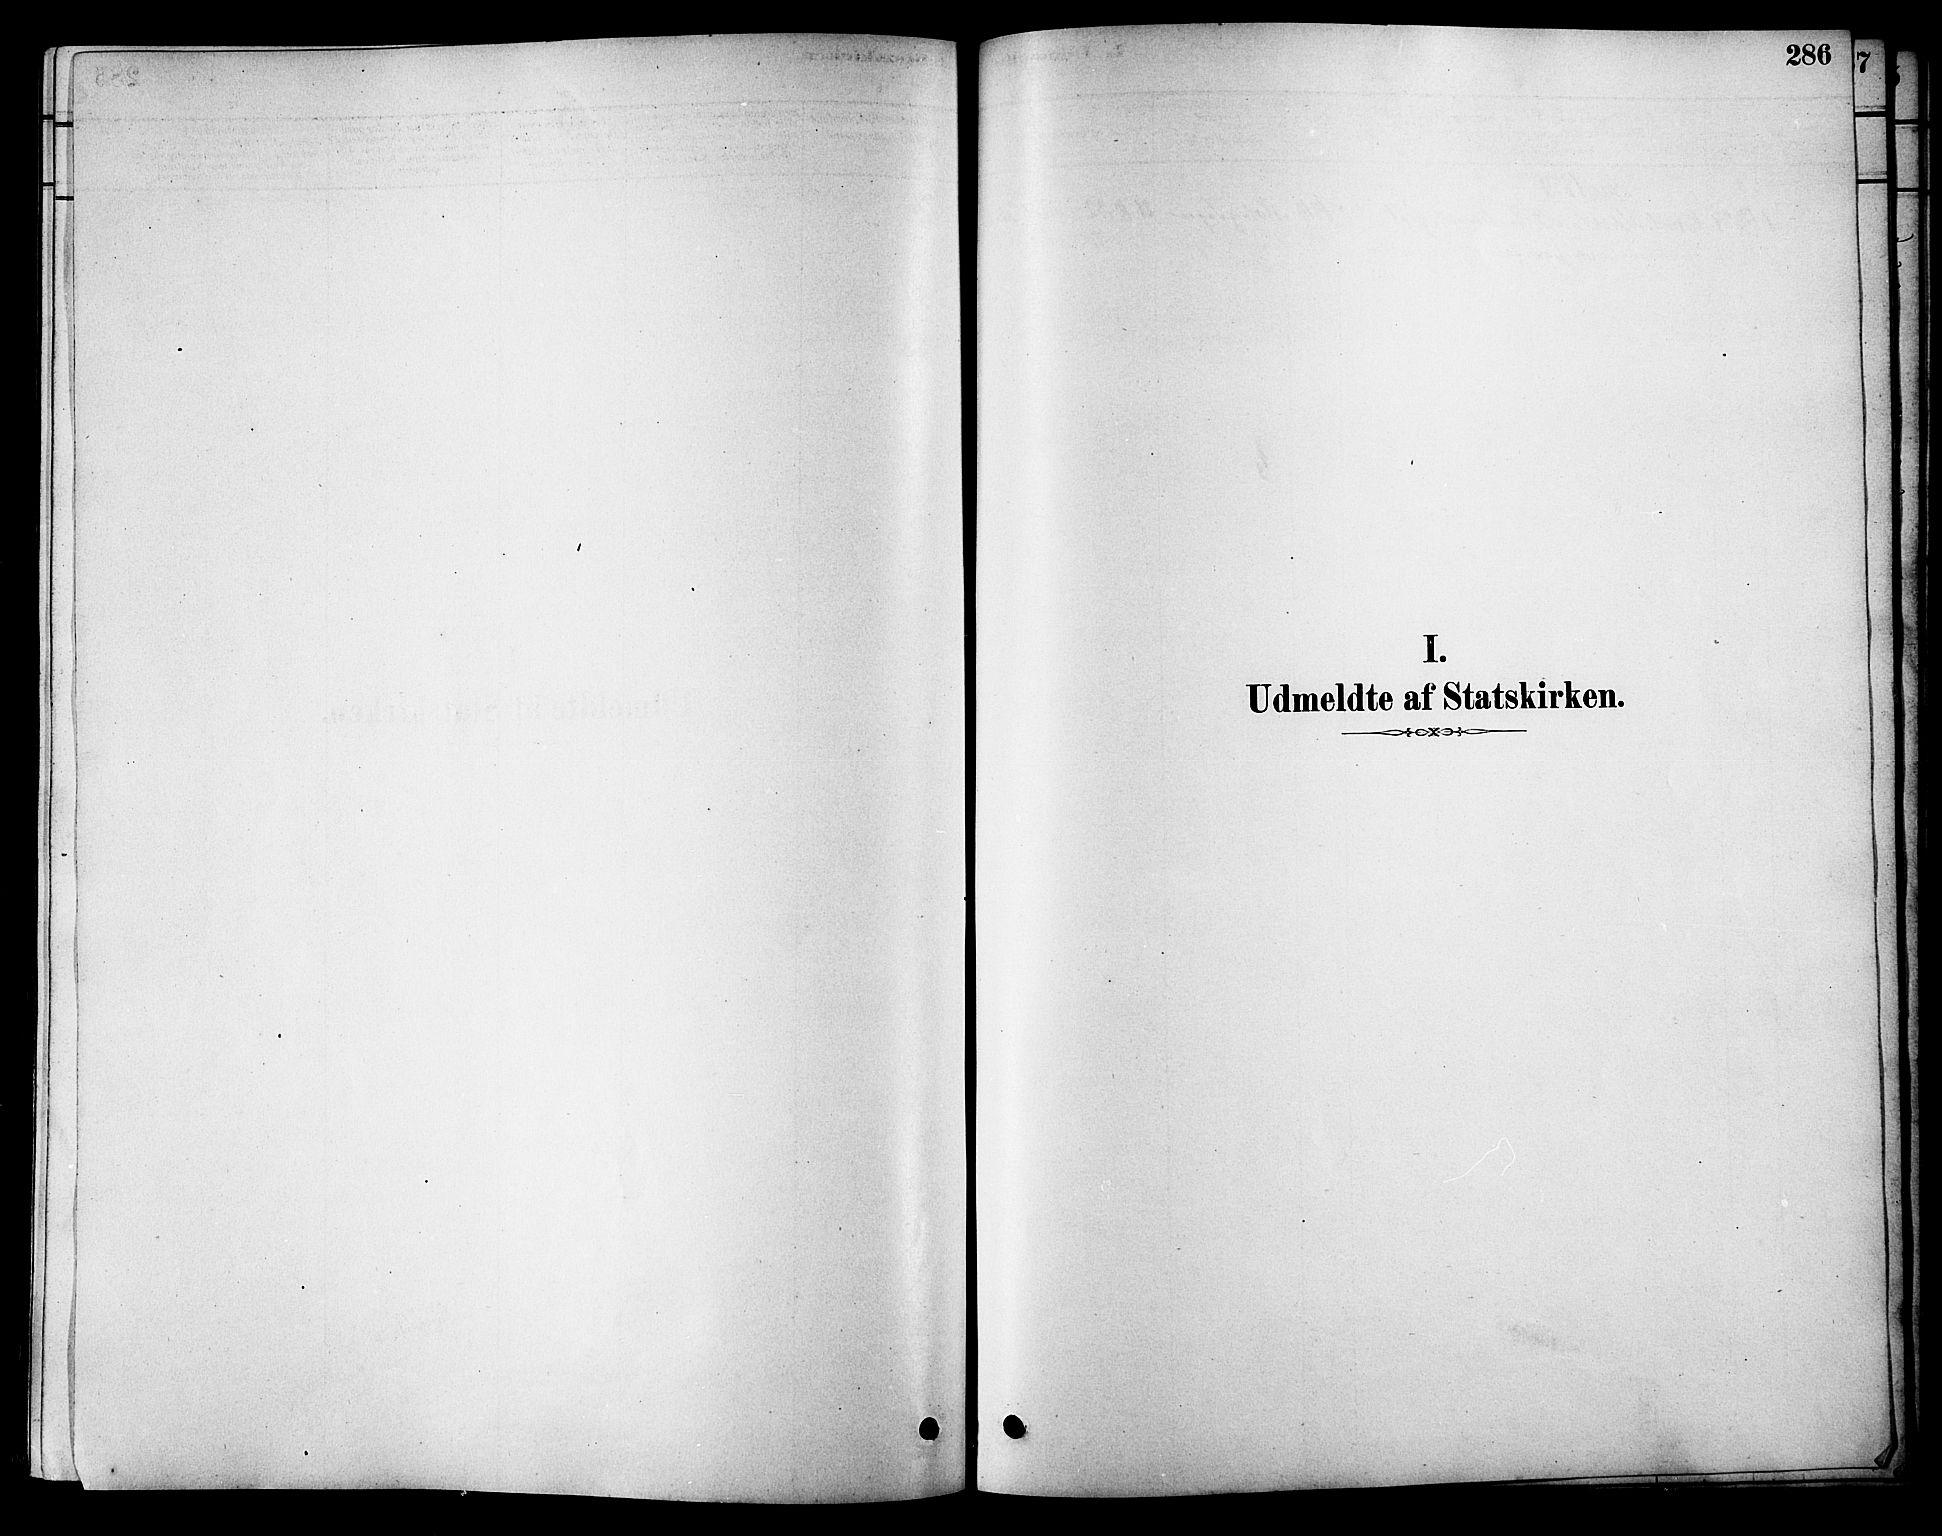 SAT, Ministerialprotokoller, klokkerbøker og fødselsregistre - Sør-Trøndelag, 616/L0423: Klokkerbok nr. 616C06, 1878-1903, s. 286